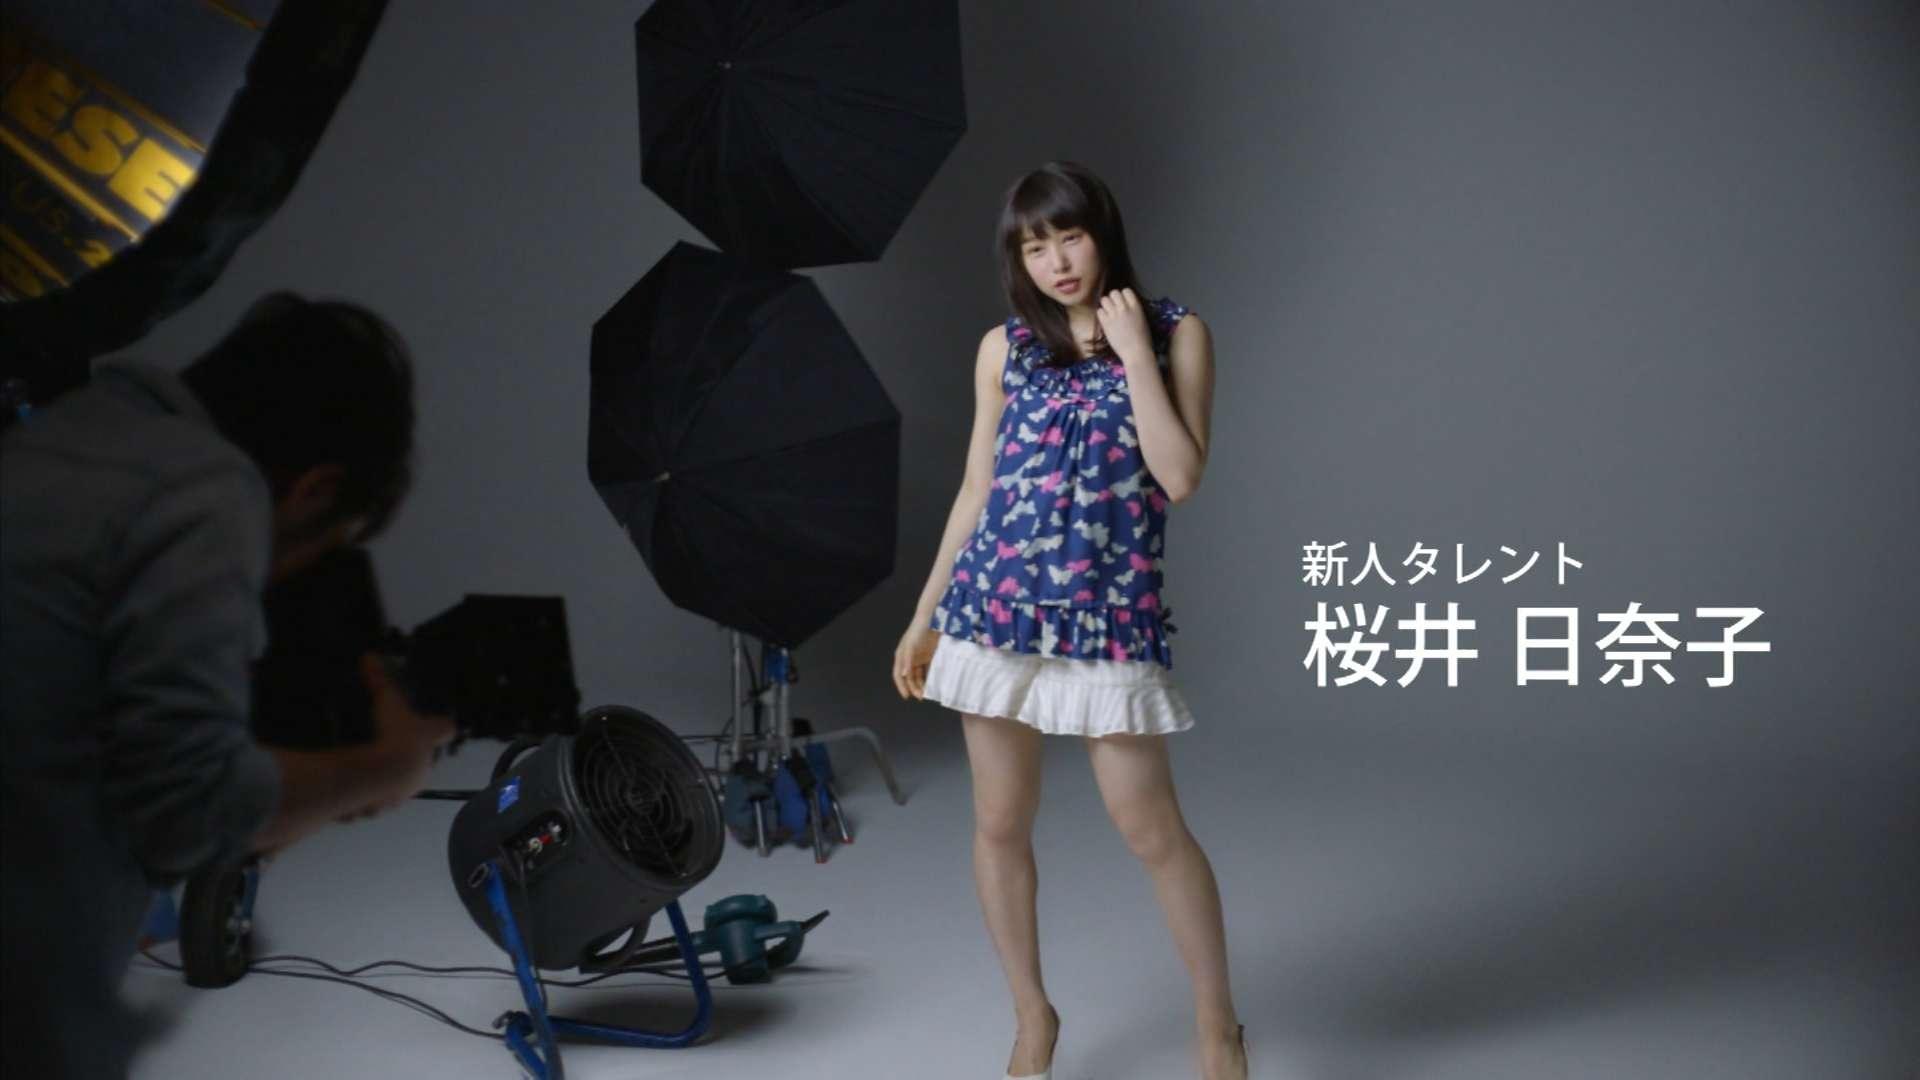 桜井日奈子 画像6